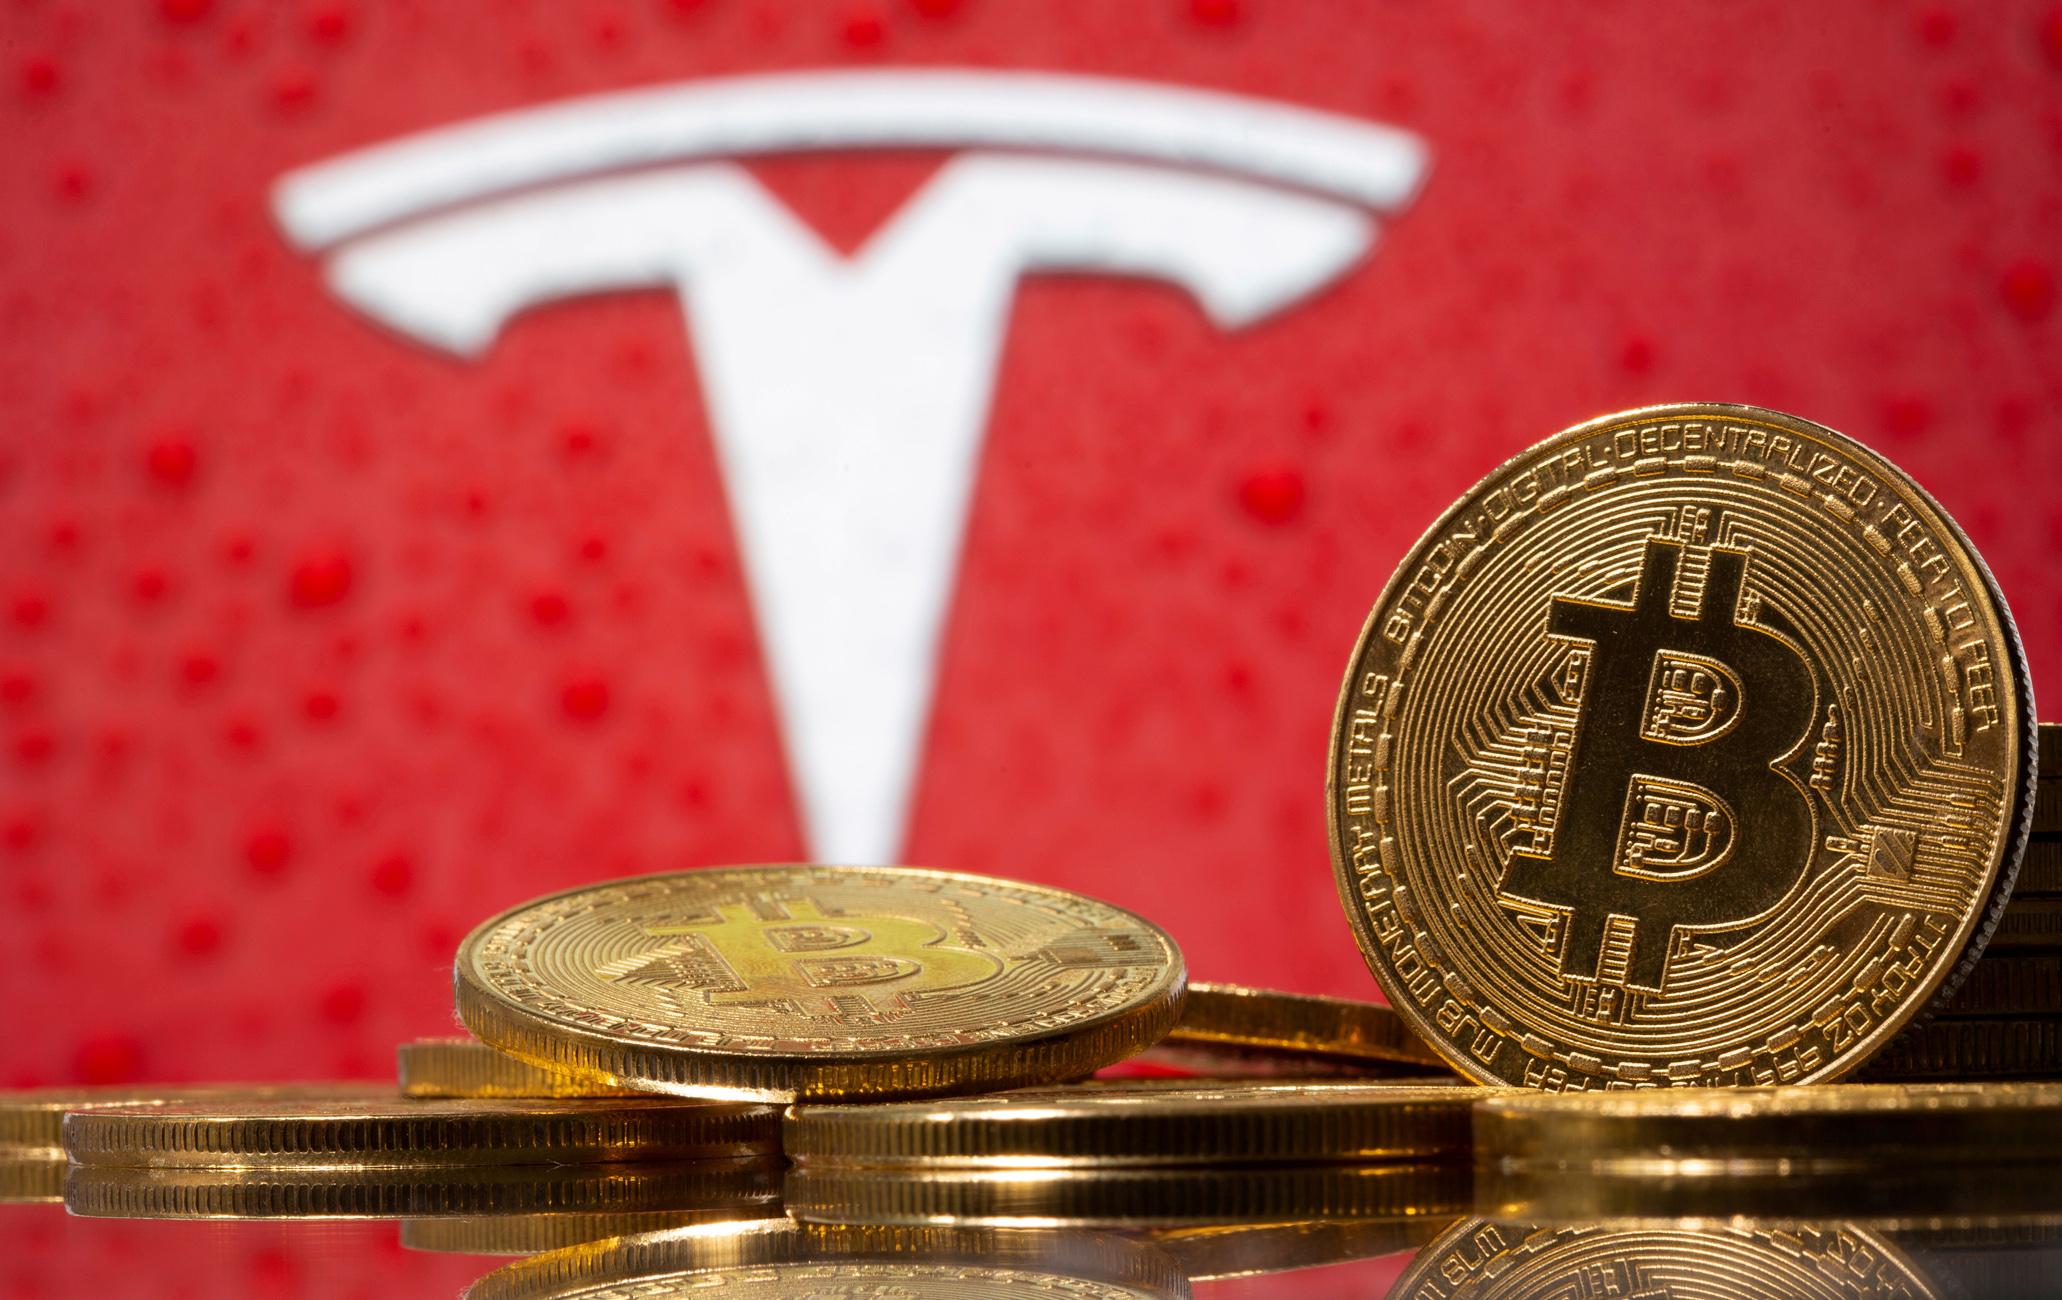 Άμα έχεις bitcoin αγοράζεις Tesla λέει ο Ίλον Μασκ